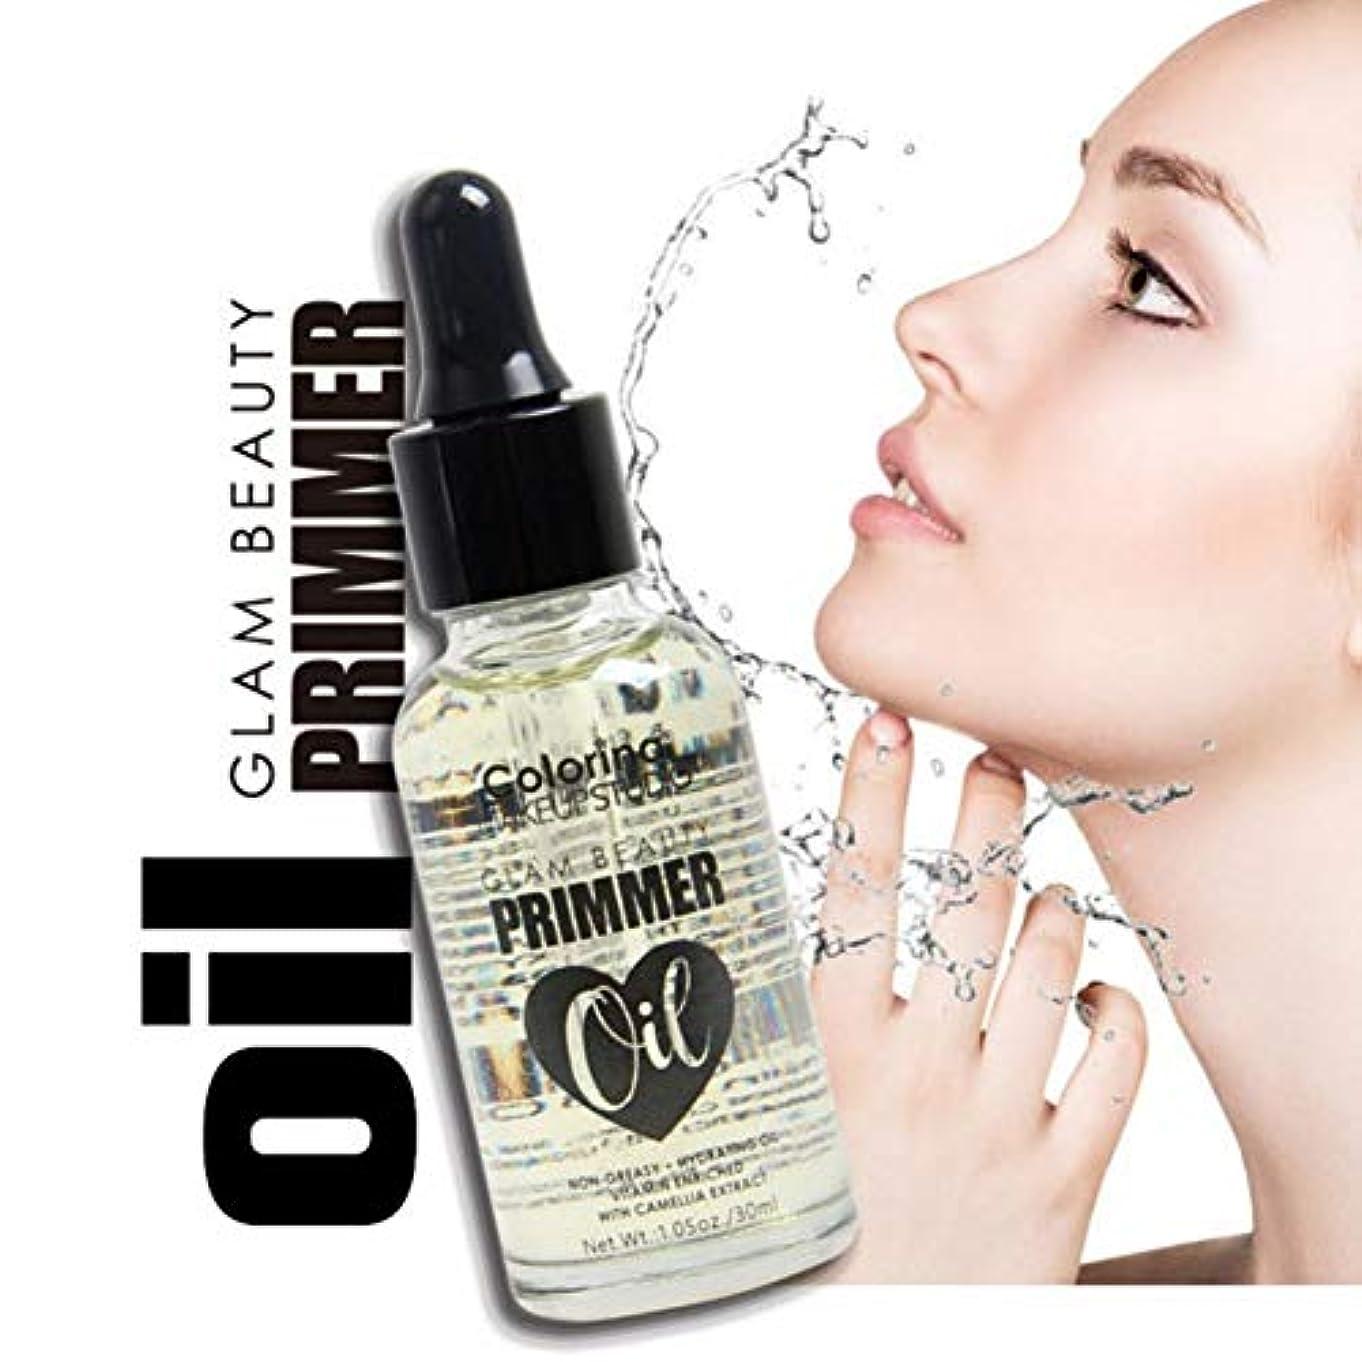 墓受賞疑い化粧前のエッセンシャルオイル-非GMO-コールドプレス-天然保湿剤&化粧落とし-保湿性収縮毛穴栄養肌フェイスメイクプライマー